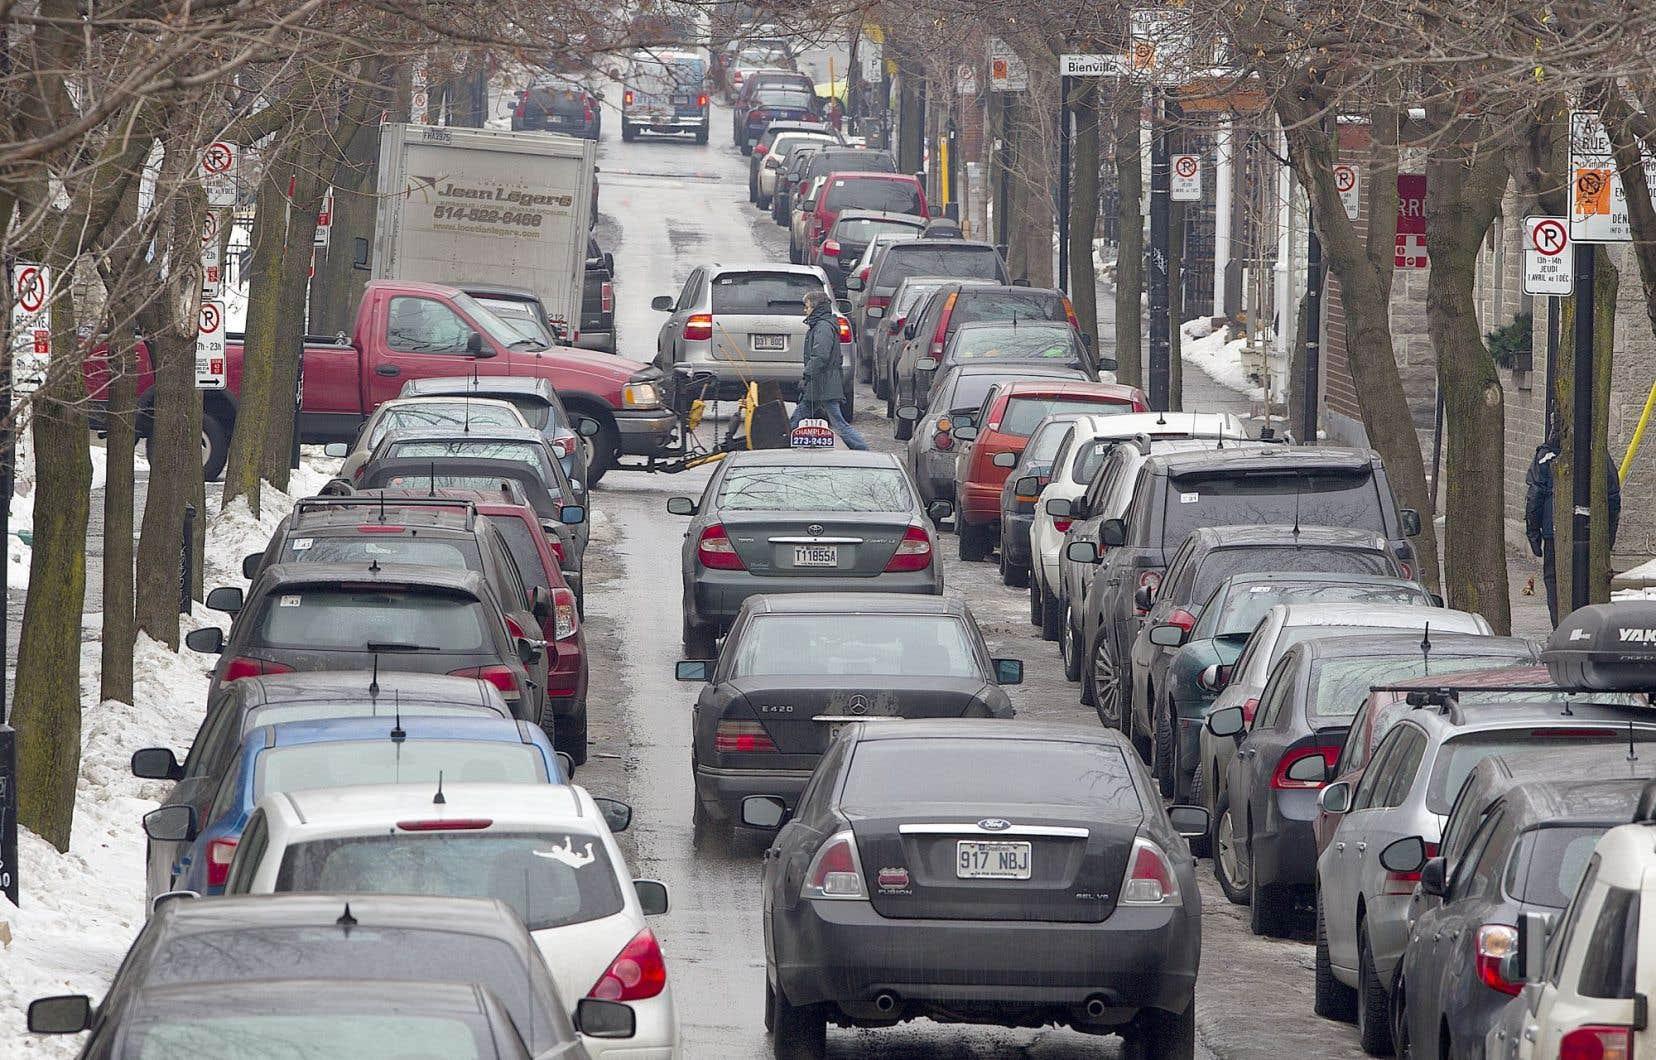 Trouver une place de stationnement peut être un casse-tête pour plusieurs, surtout en hiver.